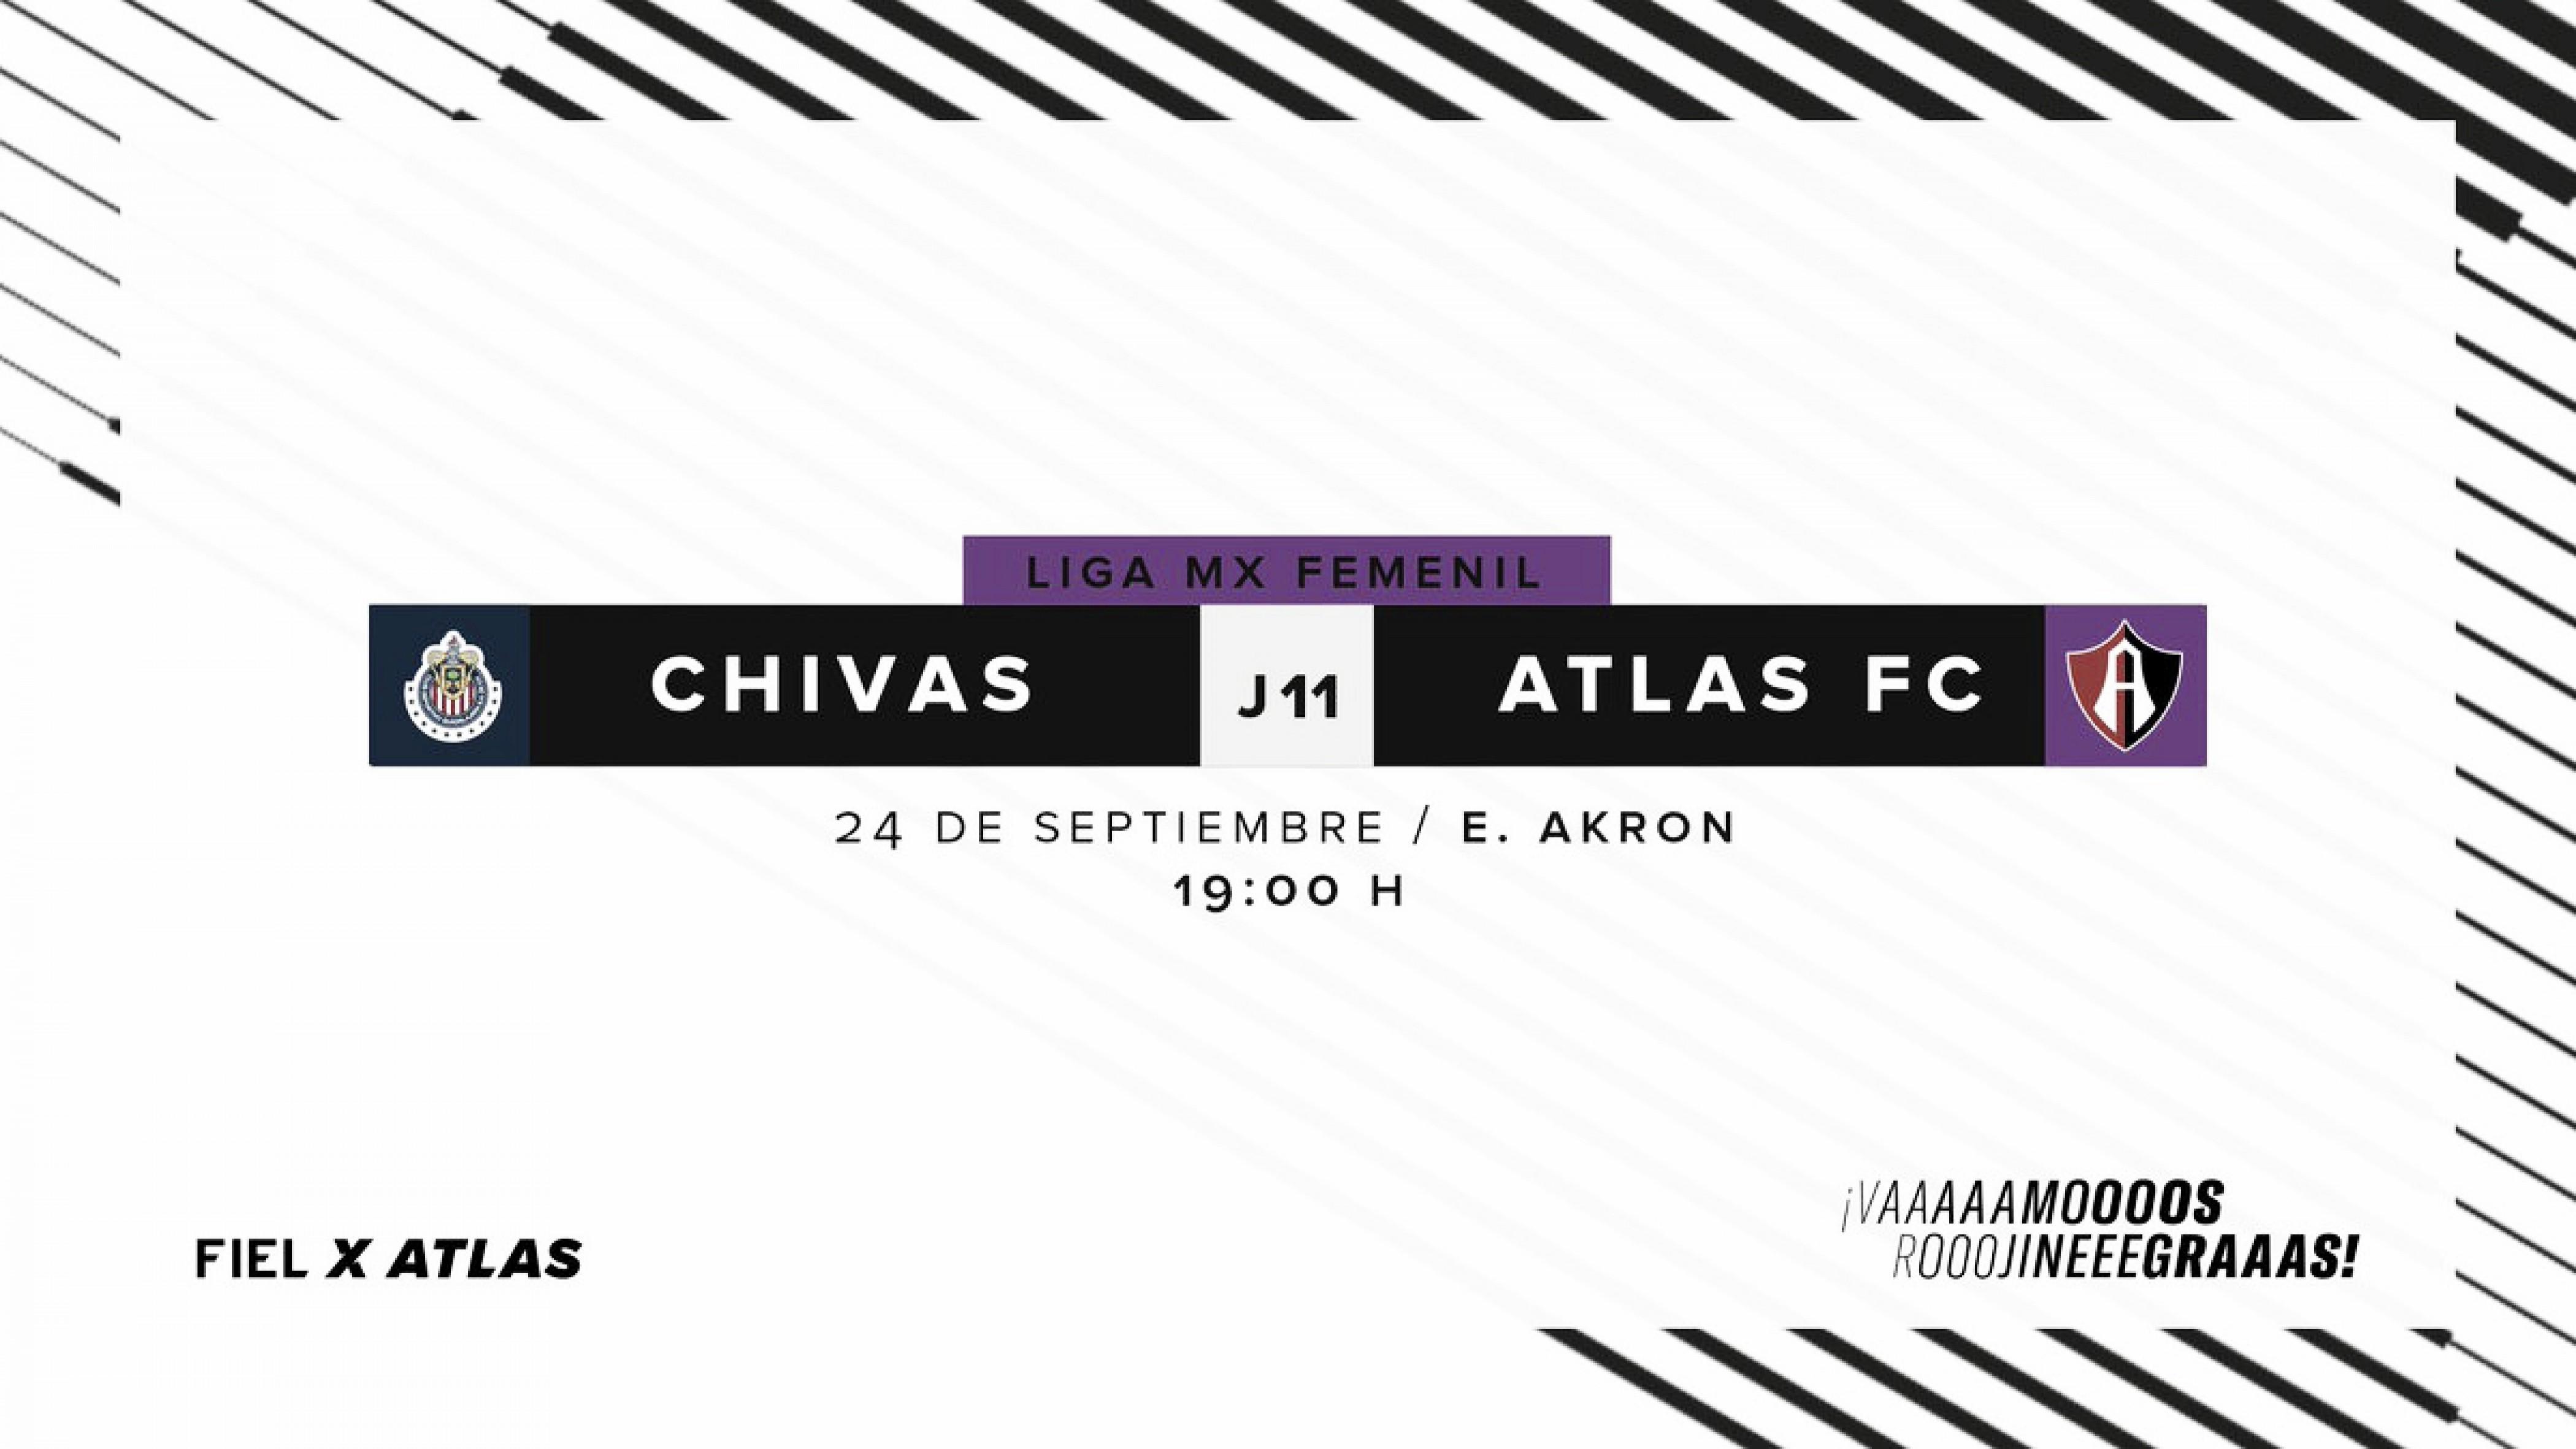 Previa Chivas Femenil - Atlas Femenil: más paridad que nunca en la rivalidad tapatía